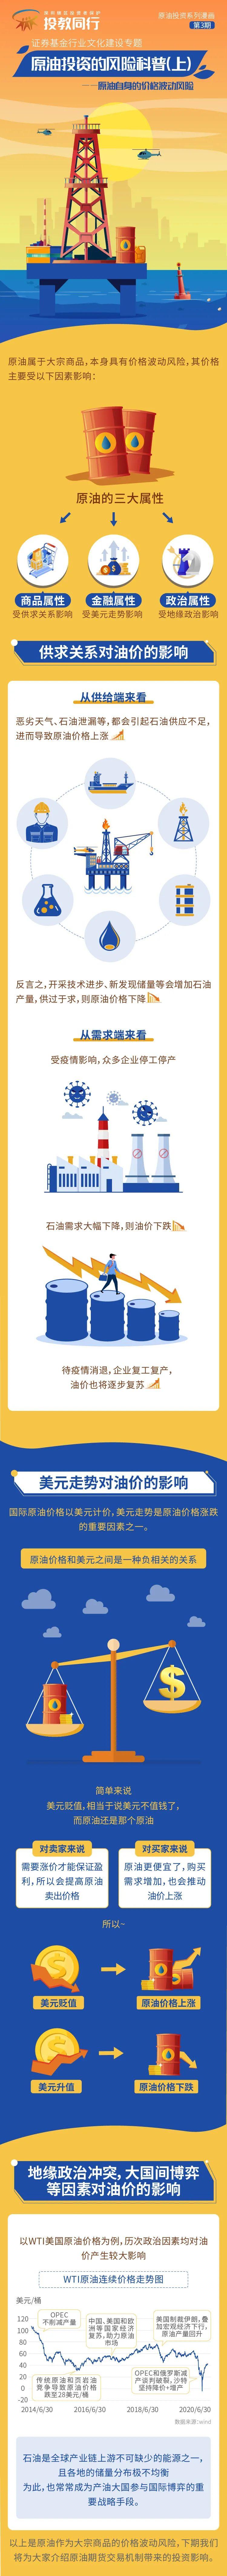 【投教专题】认清风险,理性投资 | 原油投资的风险科普